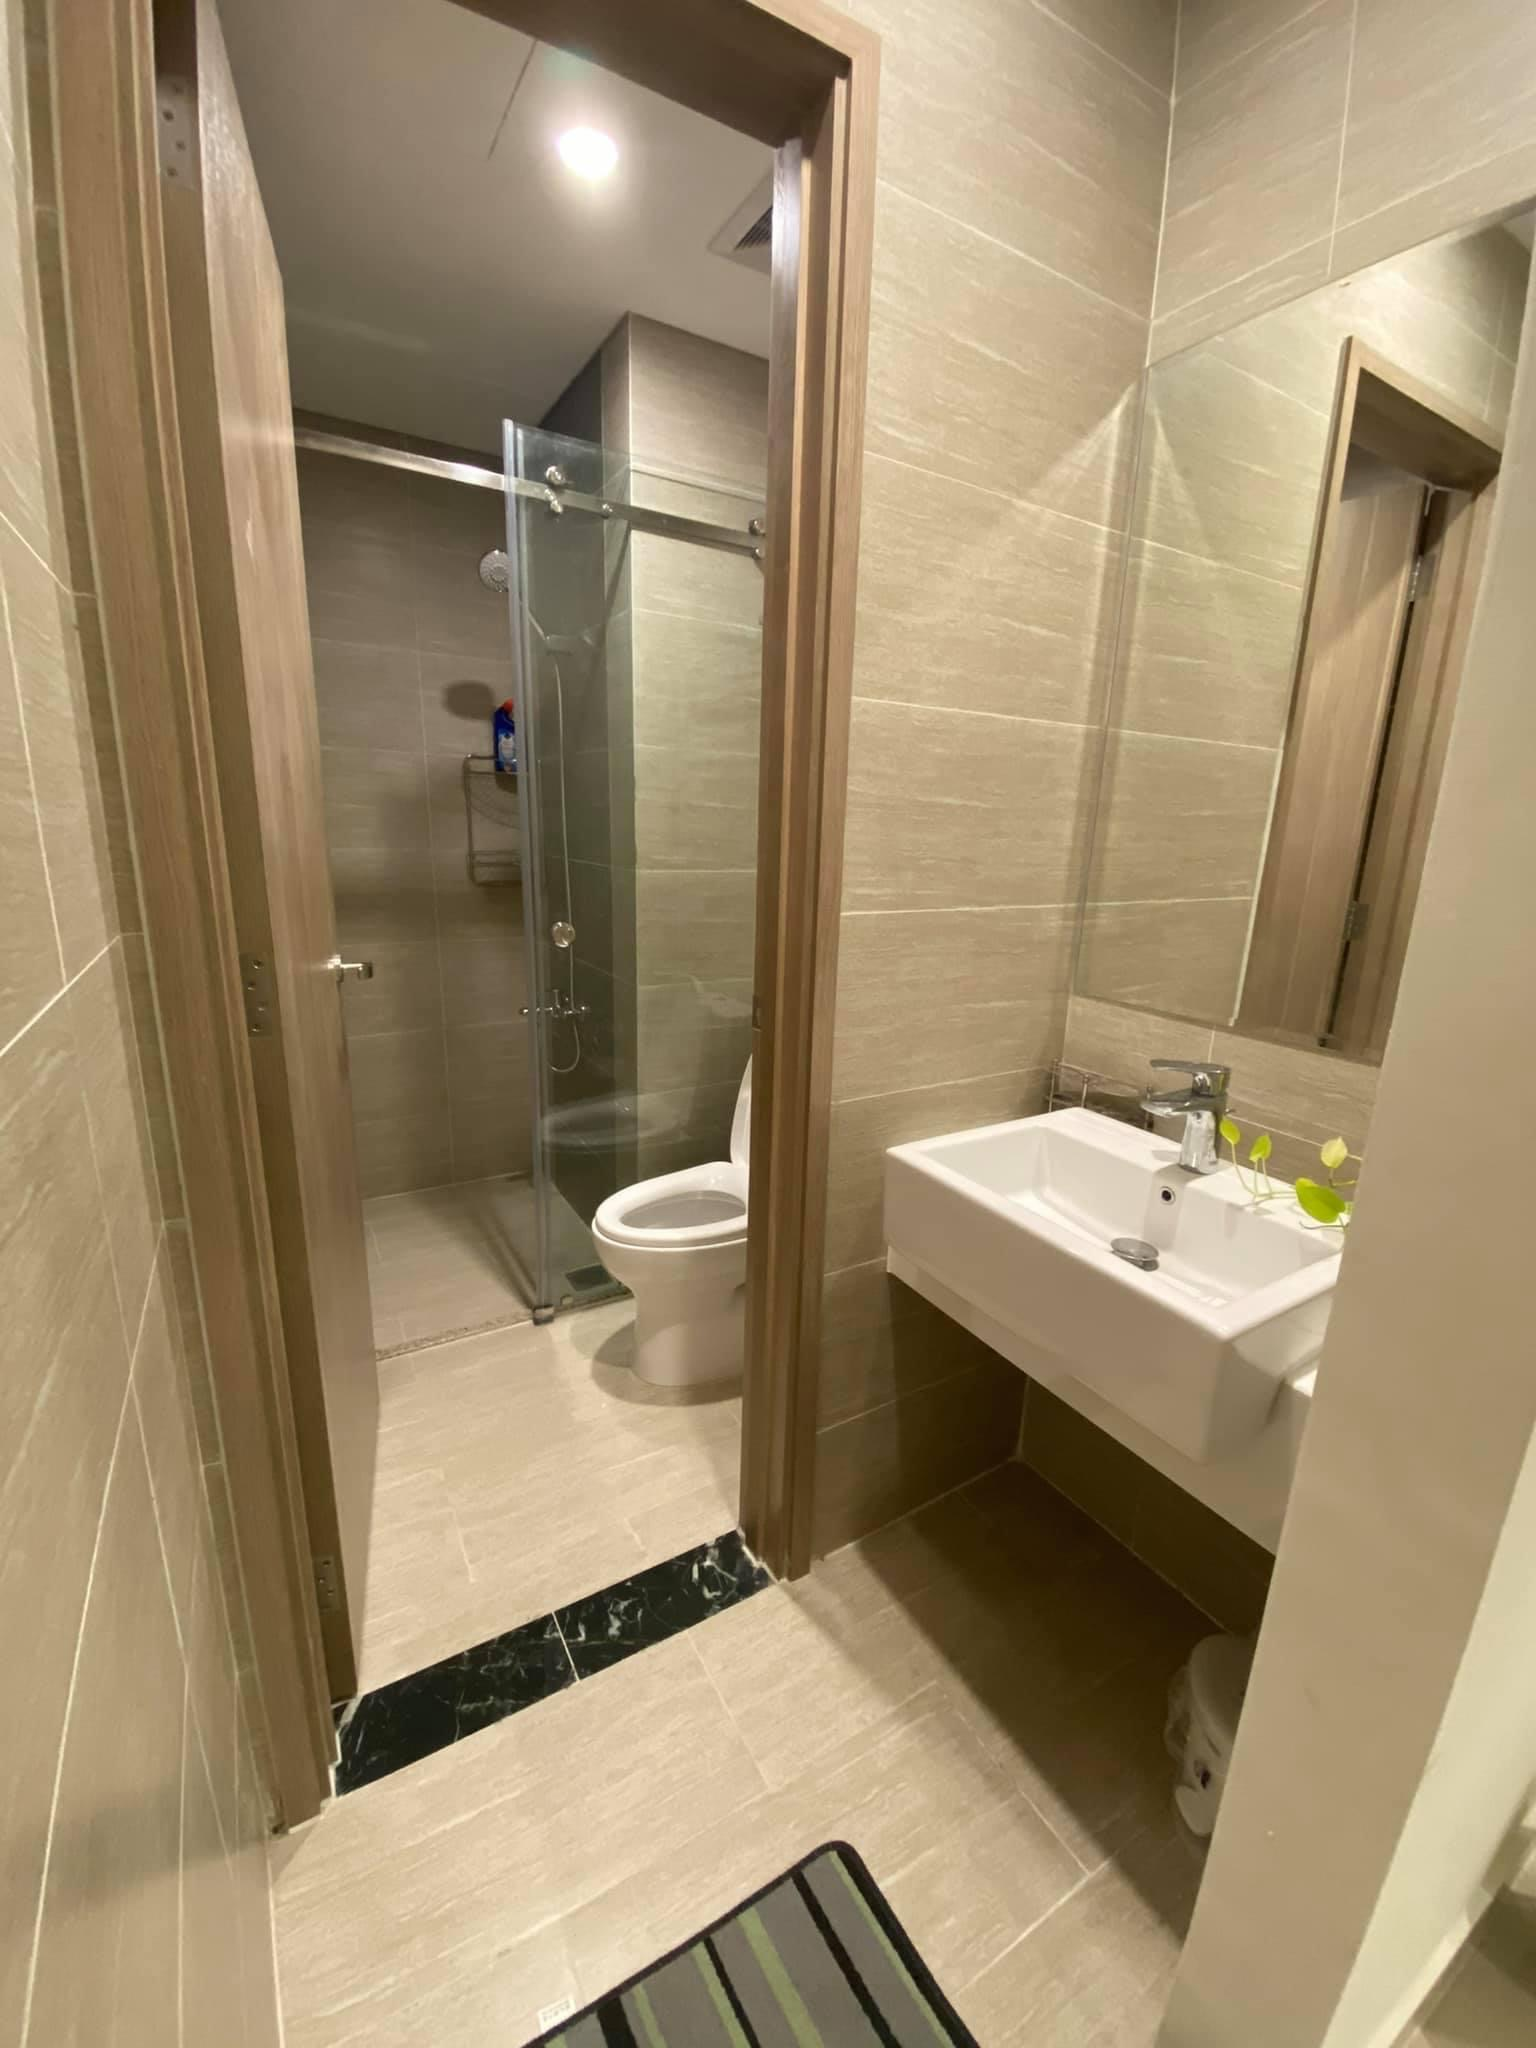 Căn hộ 2 phòng ngủ 65m2 toà S5.02 Nội thất đầy đủ 7,2tr/tháng 2